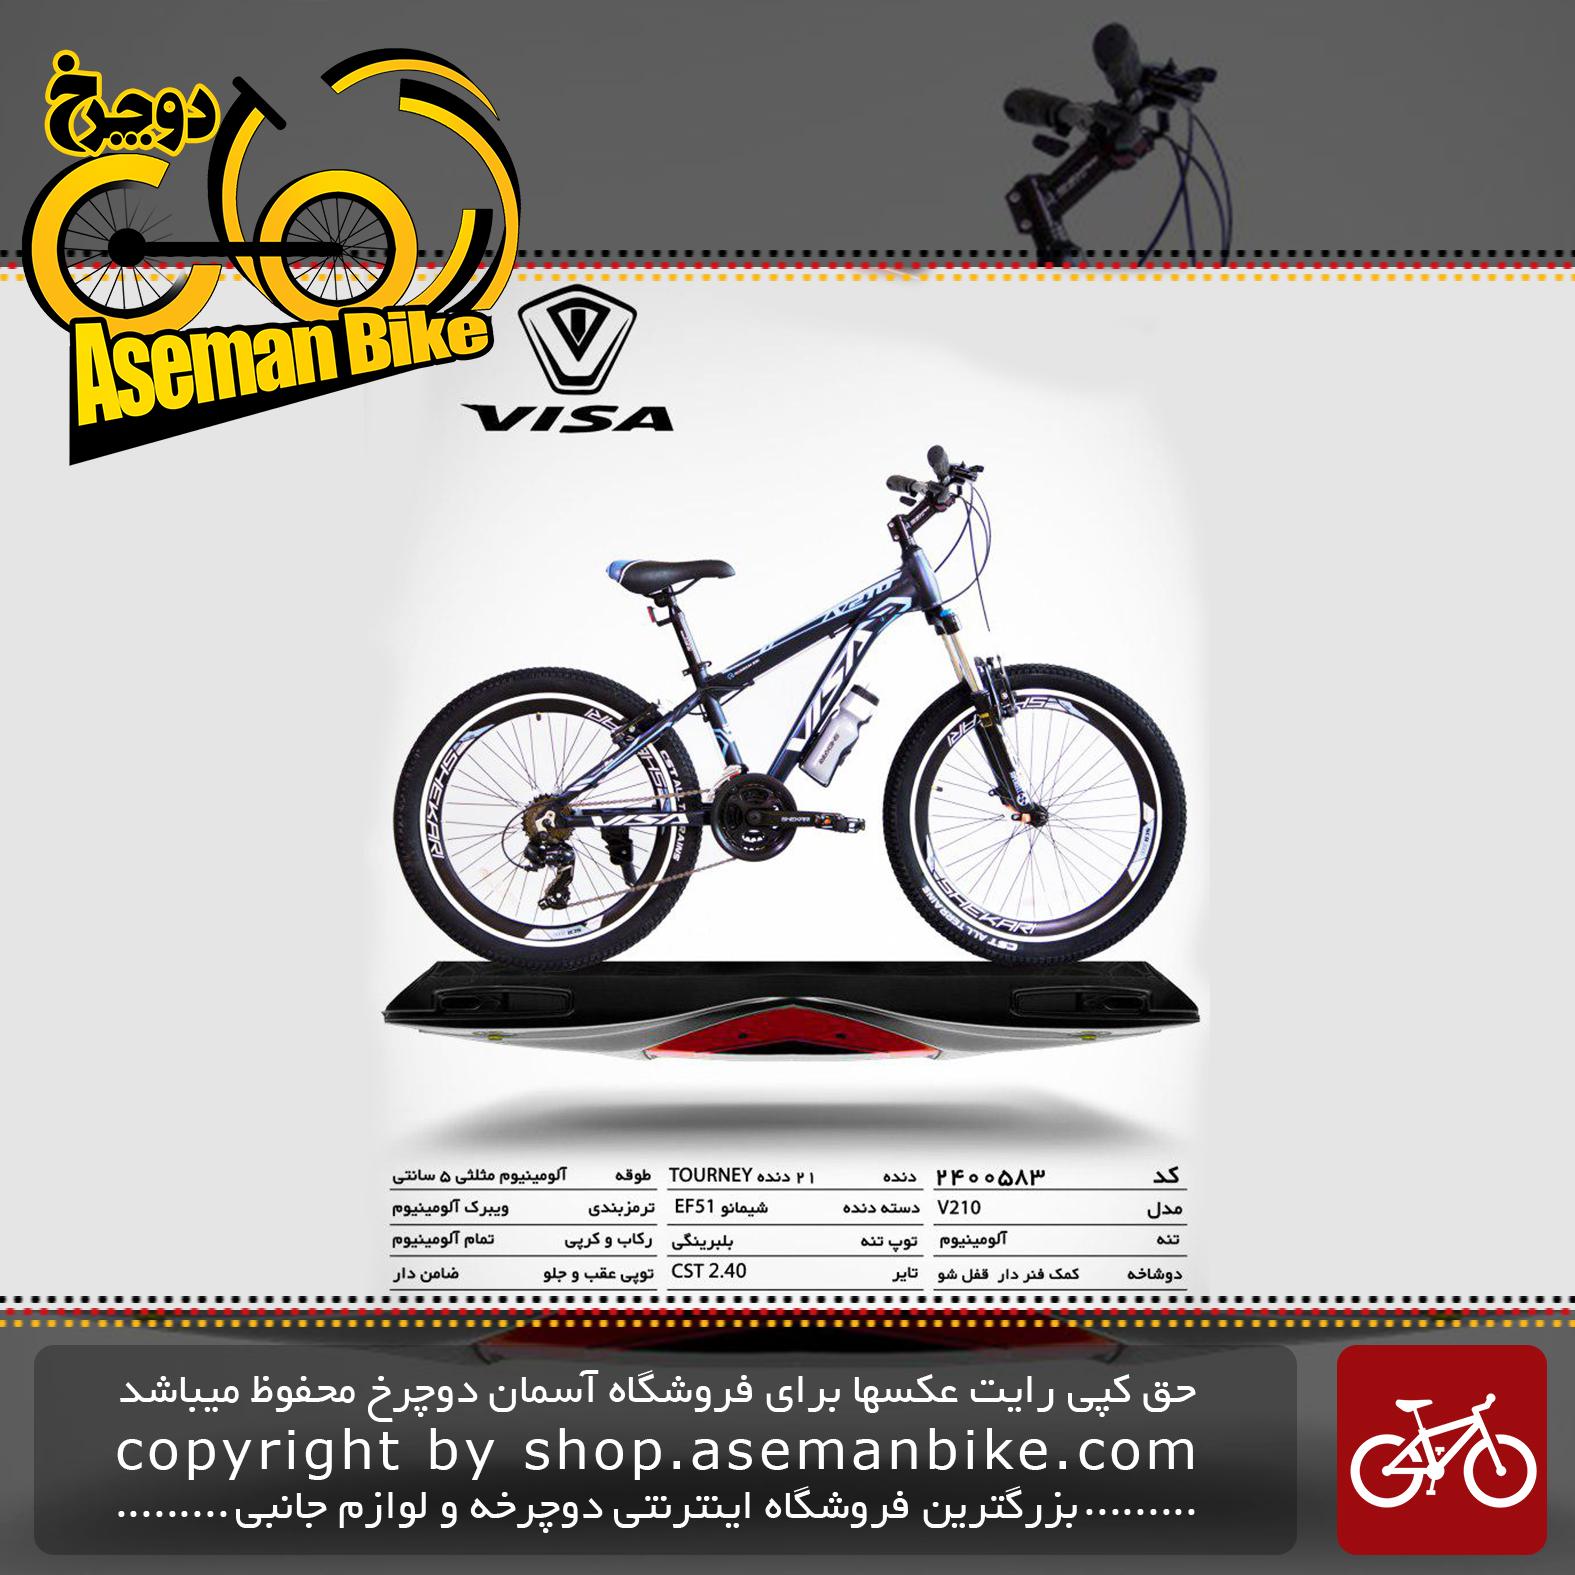 دوچرخه کوهستان ویزا21 دنده شیمانو تورنی تنه آلومینیوم سایز 24مدل وی210 visa bicycle 24 21 speed shimano tourney tz aluminum vb v210 2019